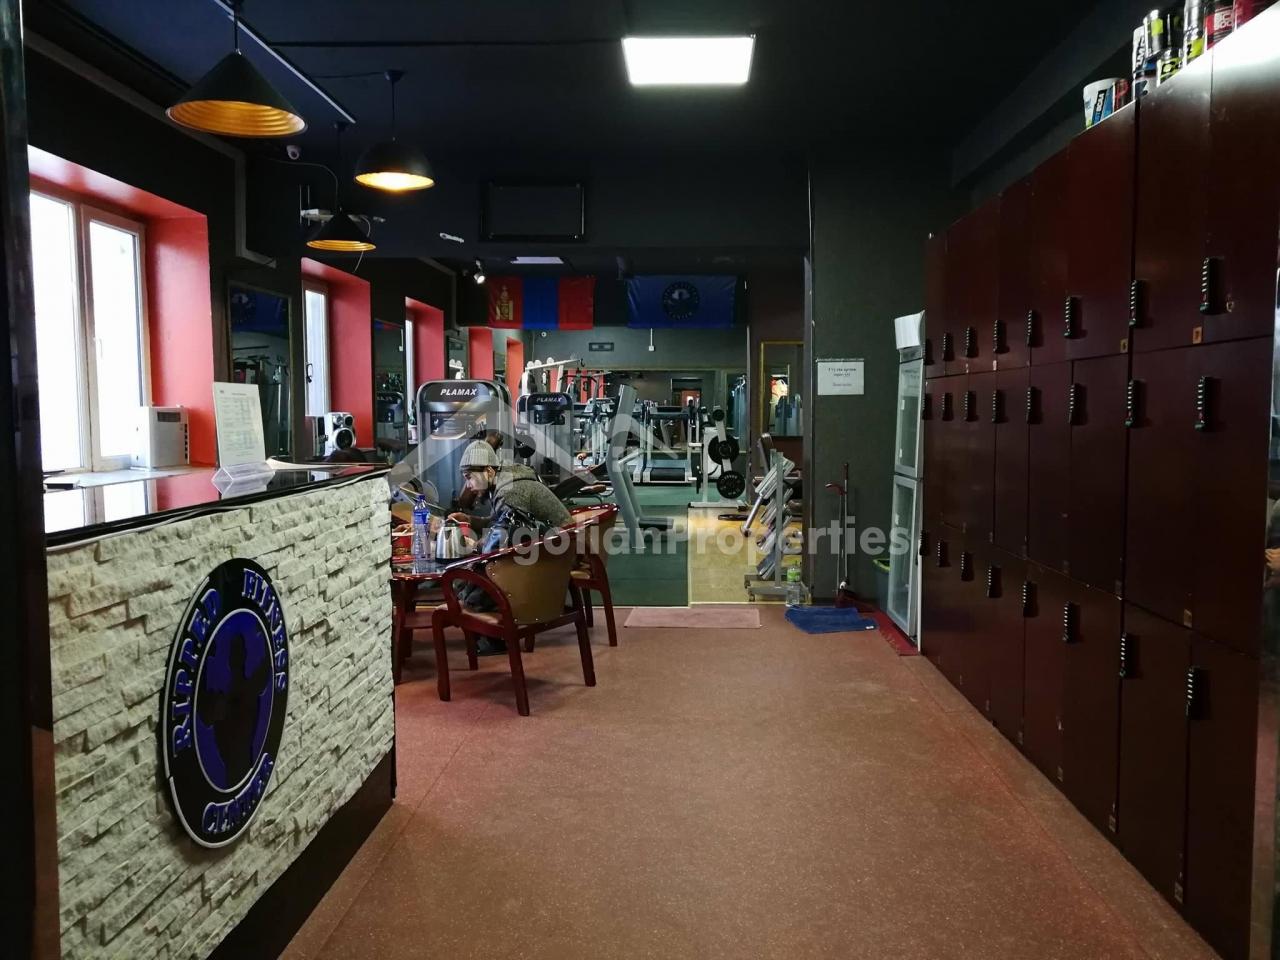 Фитнесс клуб ажиллаж байгаа үйлчилгээний талбай зарна/ COMMERCIAL SPACE FOR SALE